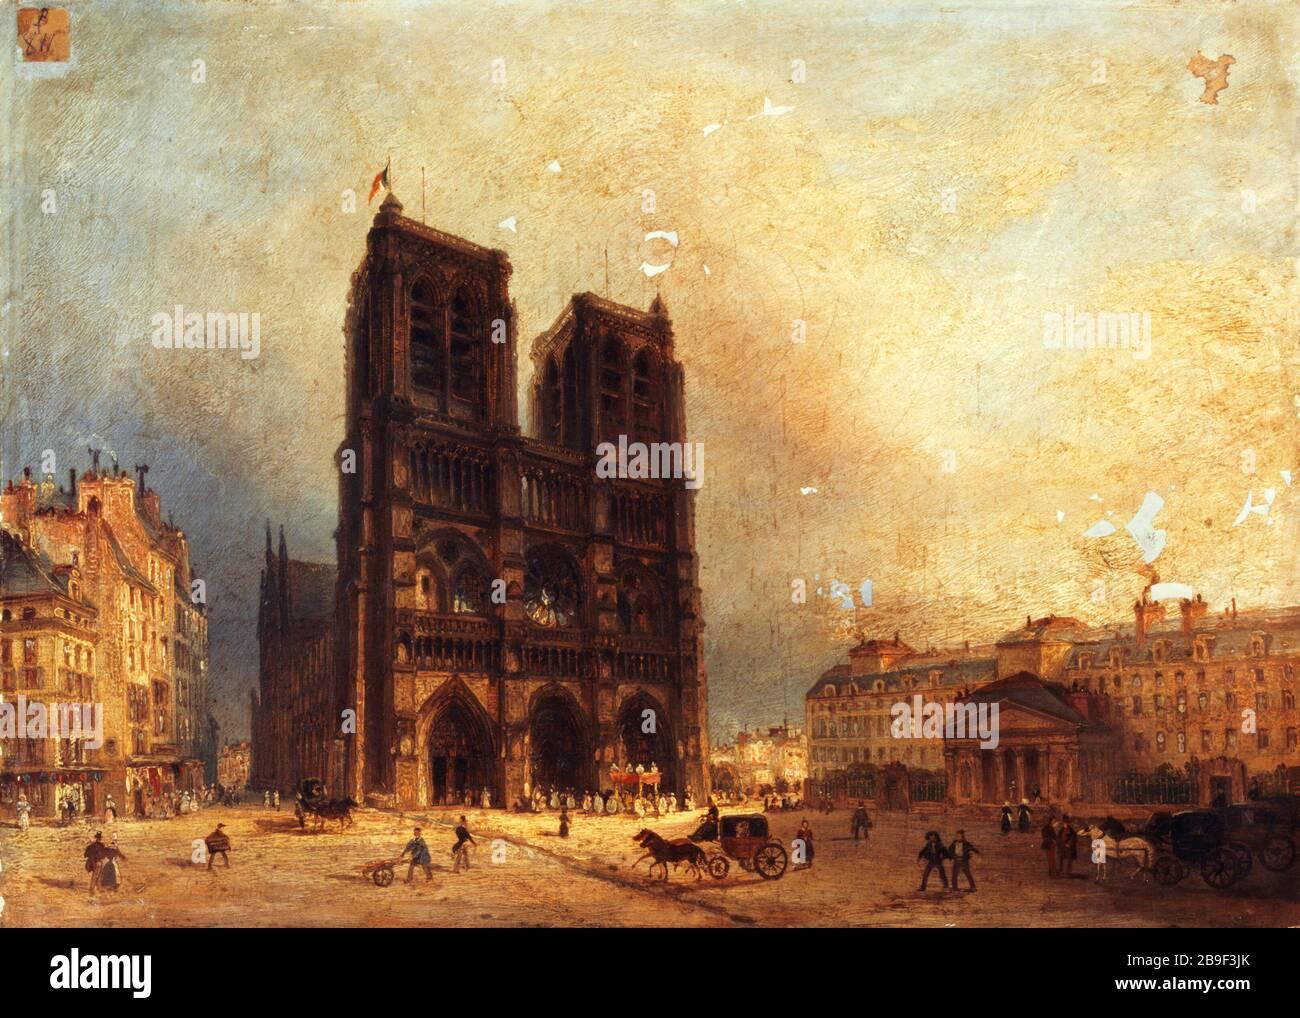 """THE SQUARE OF OUR LADY, TO 1835 Attribué à Domenico Ferri (1795-1878). """"Le parvis de Notre-Dame, vers 1835"""". Huile sur toile. Paris, musée Carnavalet. Stock Photo"""